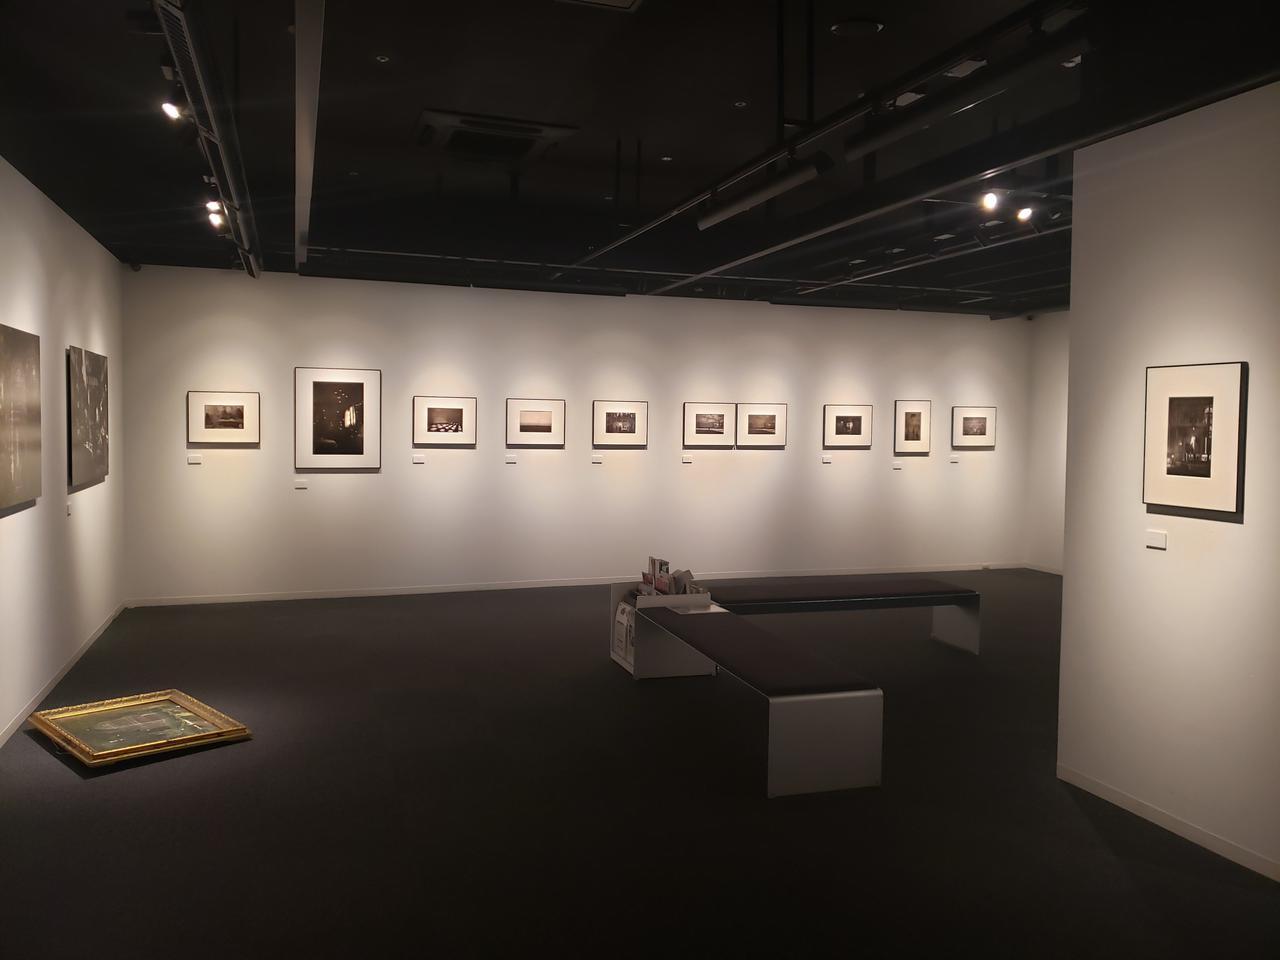 画像: 展示作品より。本展では、時間も空間も超え、高島さんの内なる世界も外の世界も超えて完成した作品が展示されています。